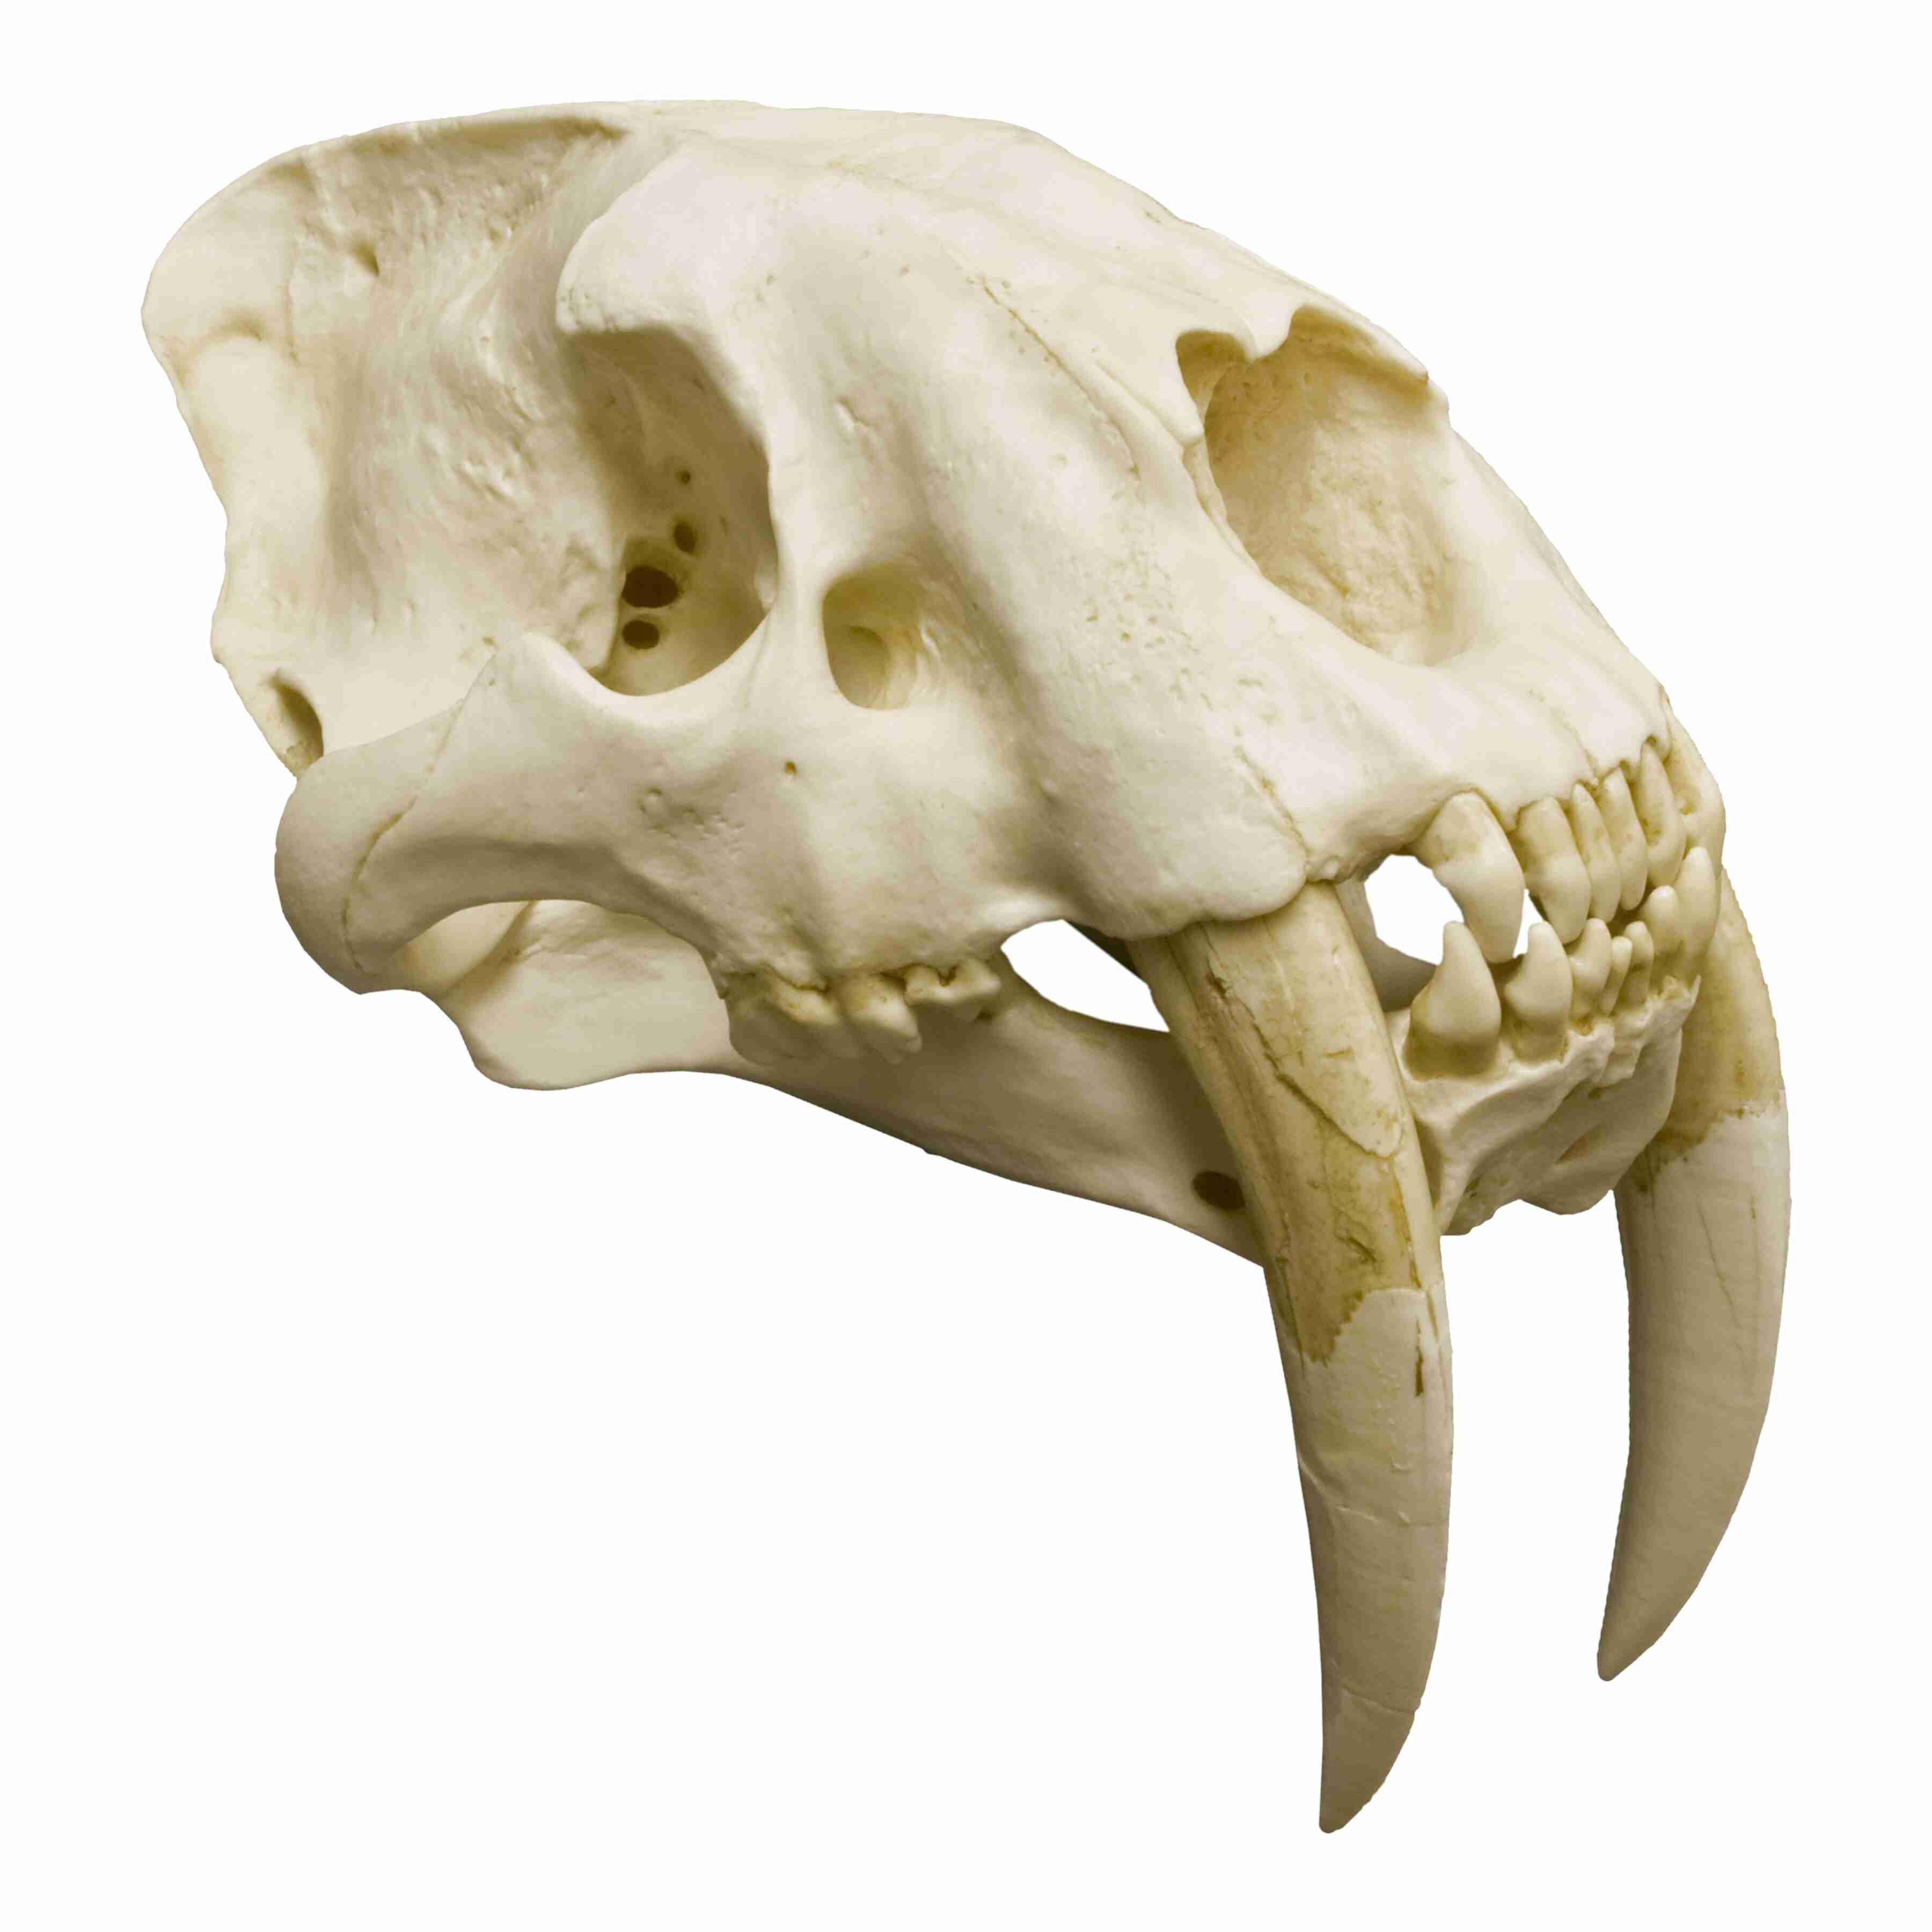 saber tooth tiger skull for sale